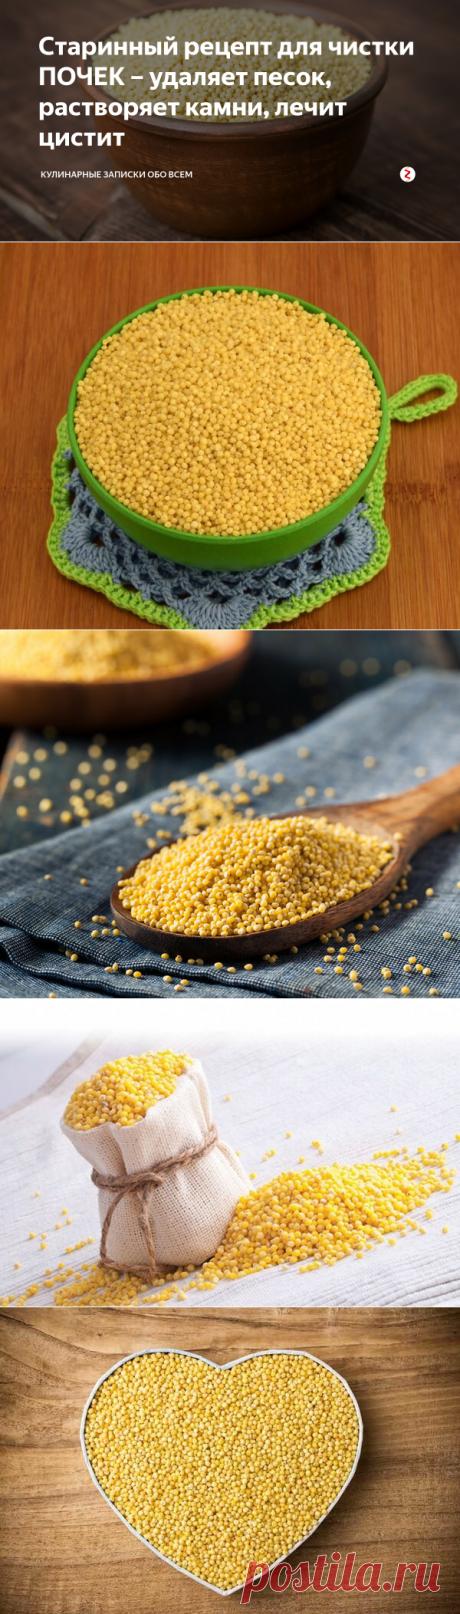 Старинный рецепт для чистки ПОЧЕК – удаляет песок, растворяет камни, лечит цистит | Кулинарные записки обо всем | Яндекс Дзен